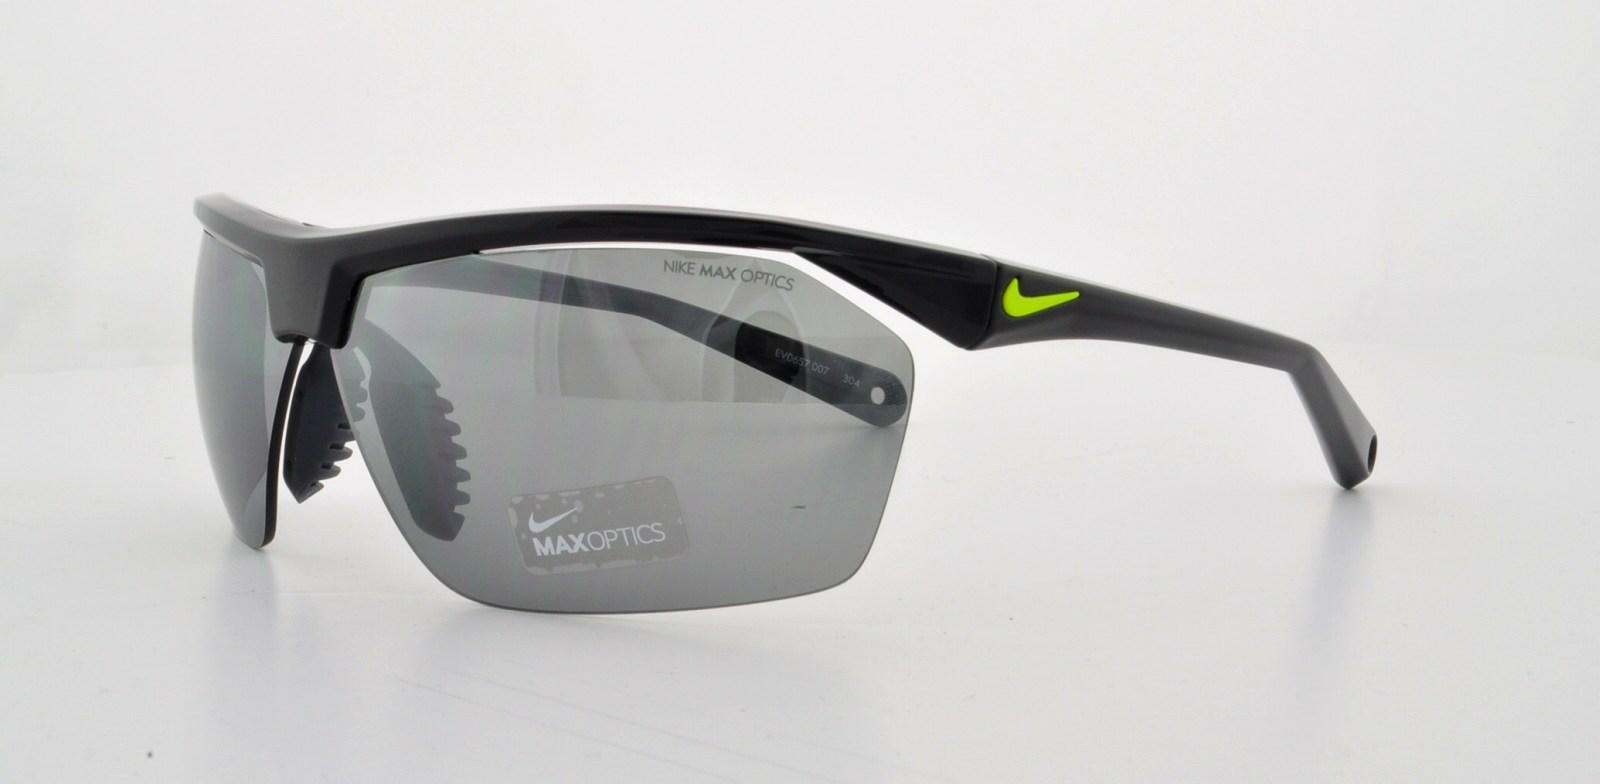 64b685d85e7 Designer Frames Outlet. Nike TAILWIND 12 EV0657